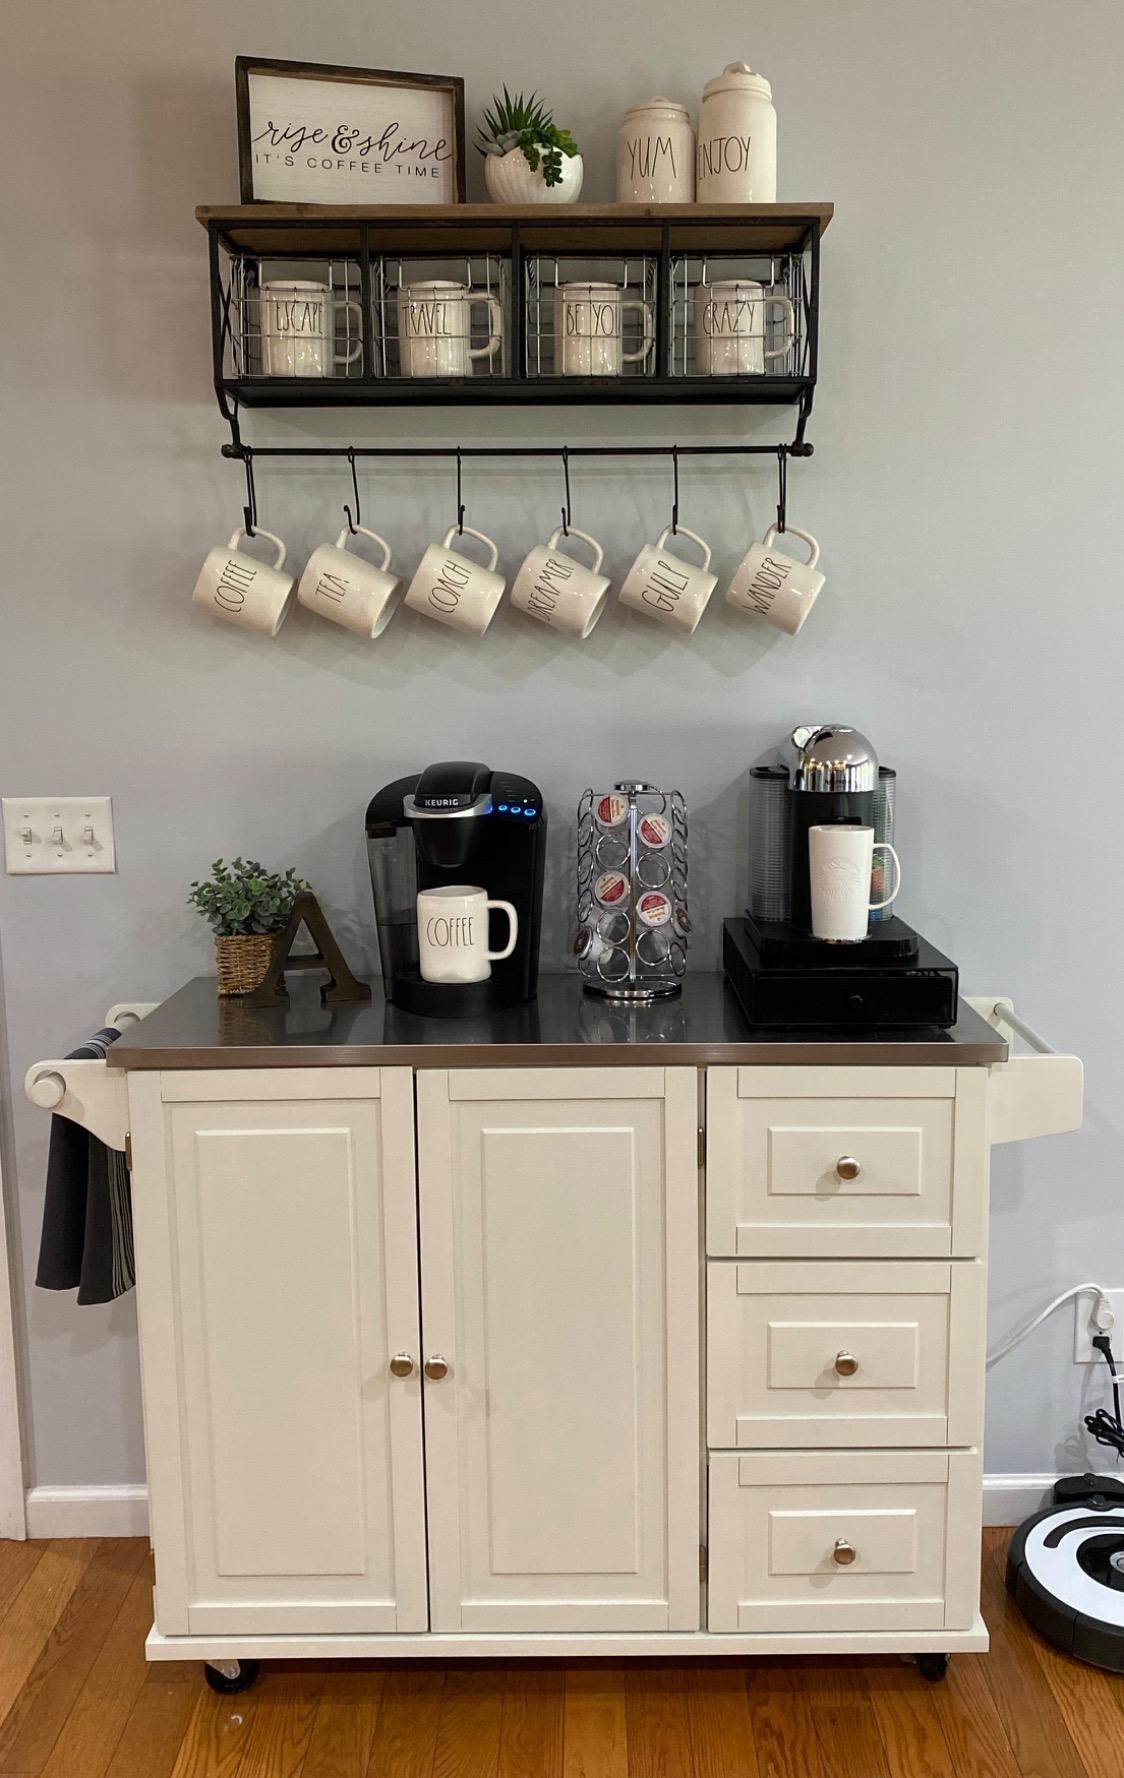 一种厨房推车,用作咖啡吧,有三个抽屉和一个橱柜